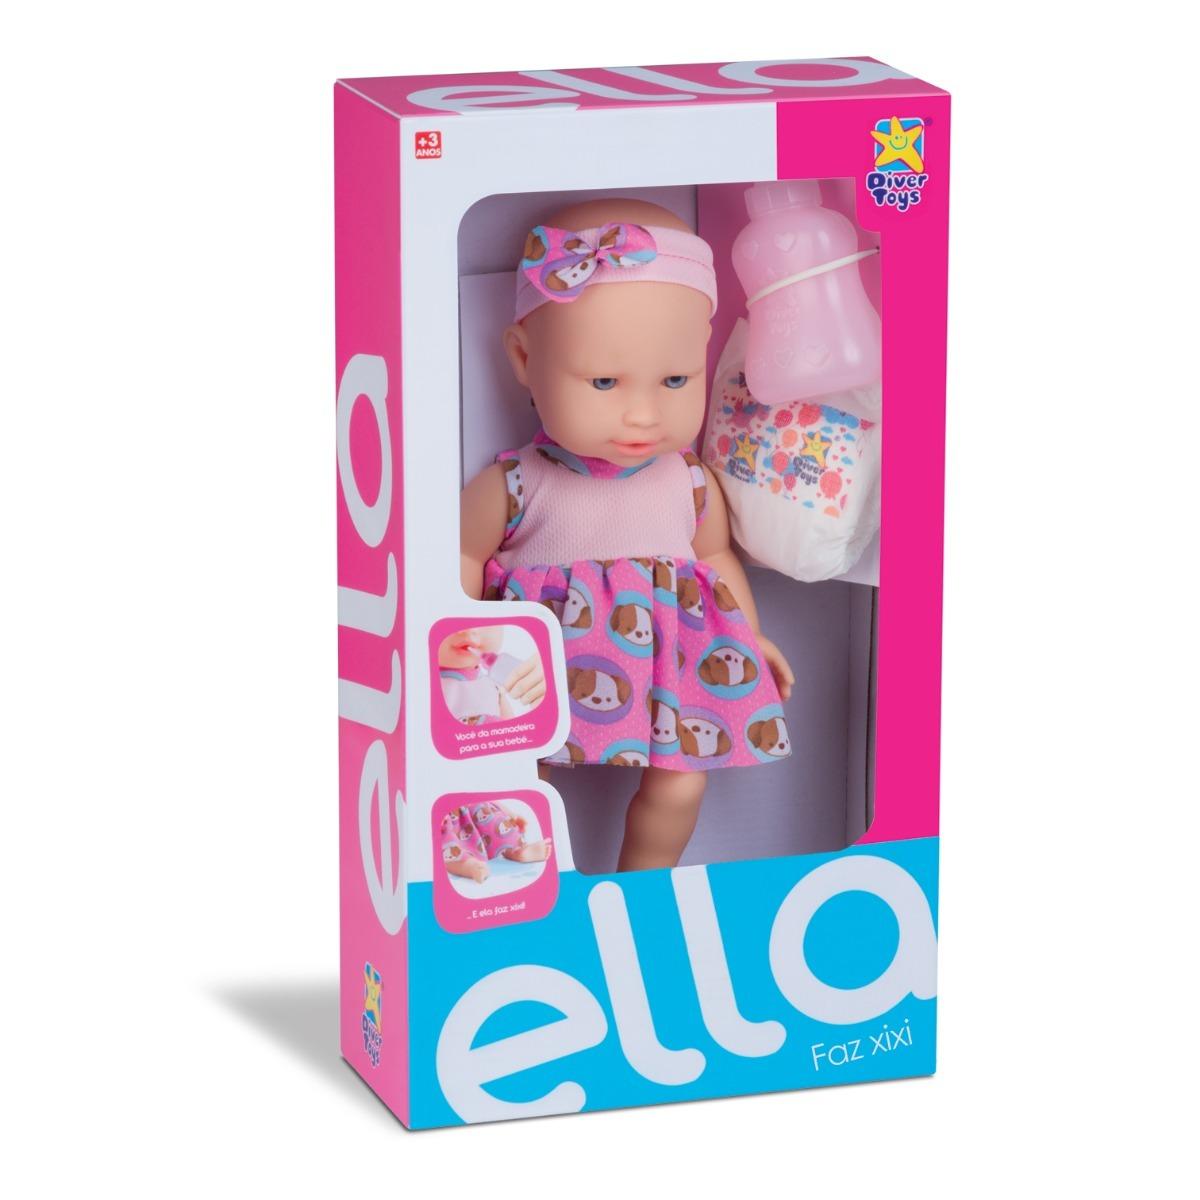 cdadbb1bcb boneca faz xixi com bico mamadeira fralda brinquedo meninap. Carregando  zoom.